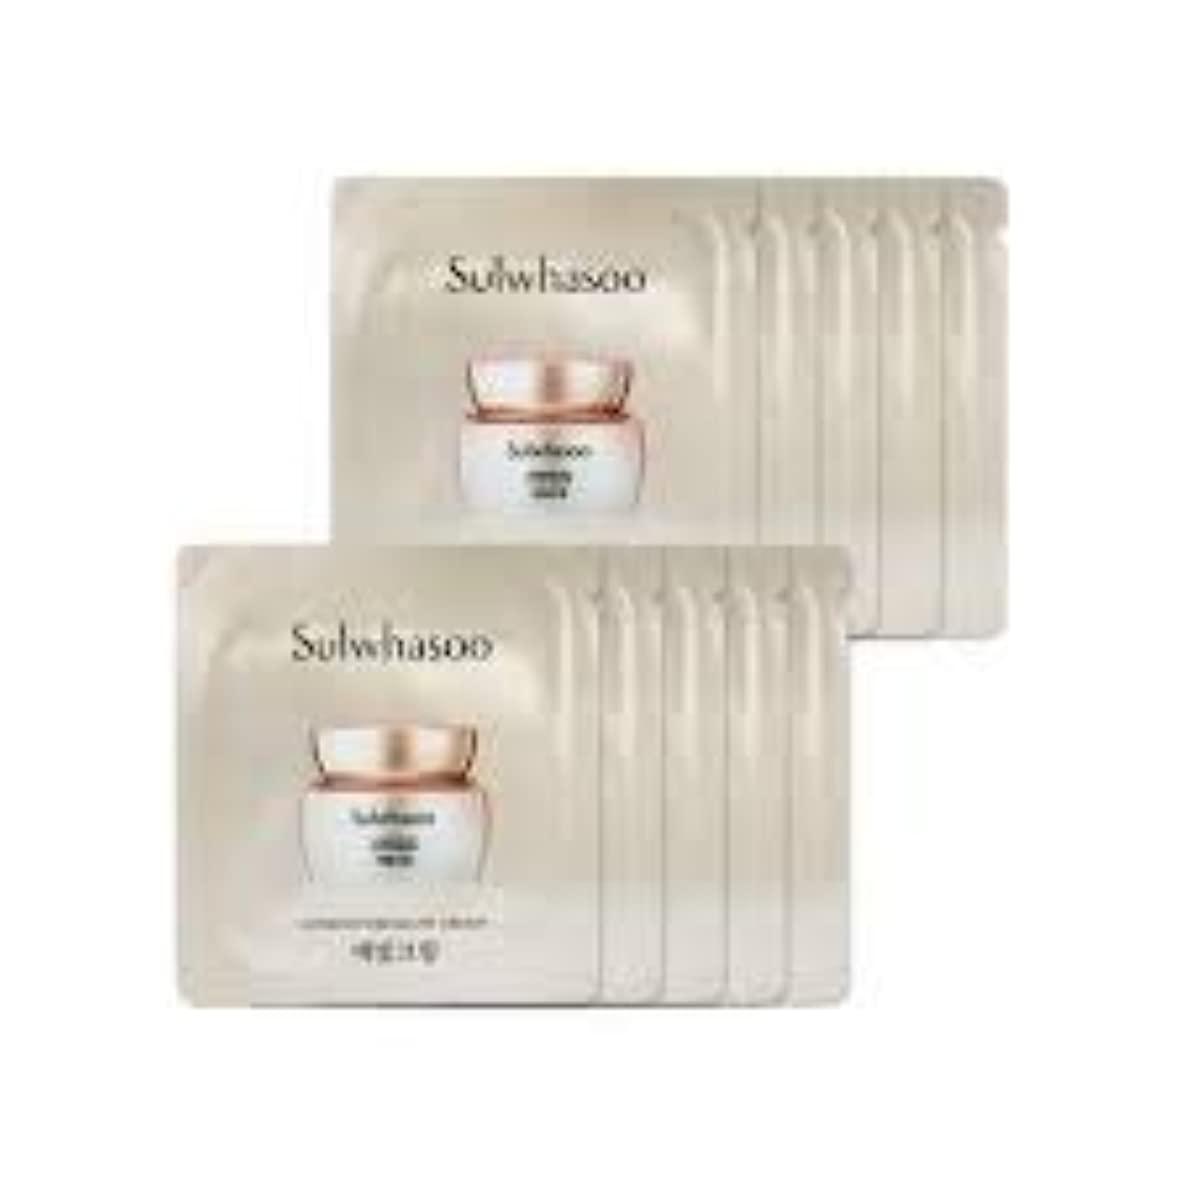 夕食を作る入場料男らしい[ソルファス ] Sulwhasoo (雪花秀) ルミナチュアグロー Luminature Glow Cream 1ml x 30 (イェビトクリーム) [ShopMaster1]